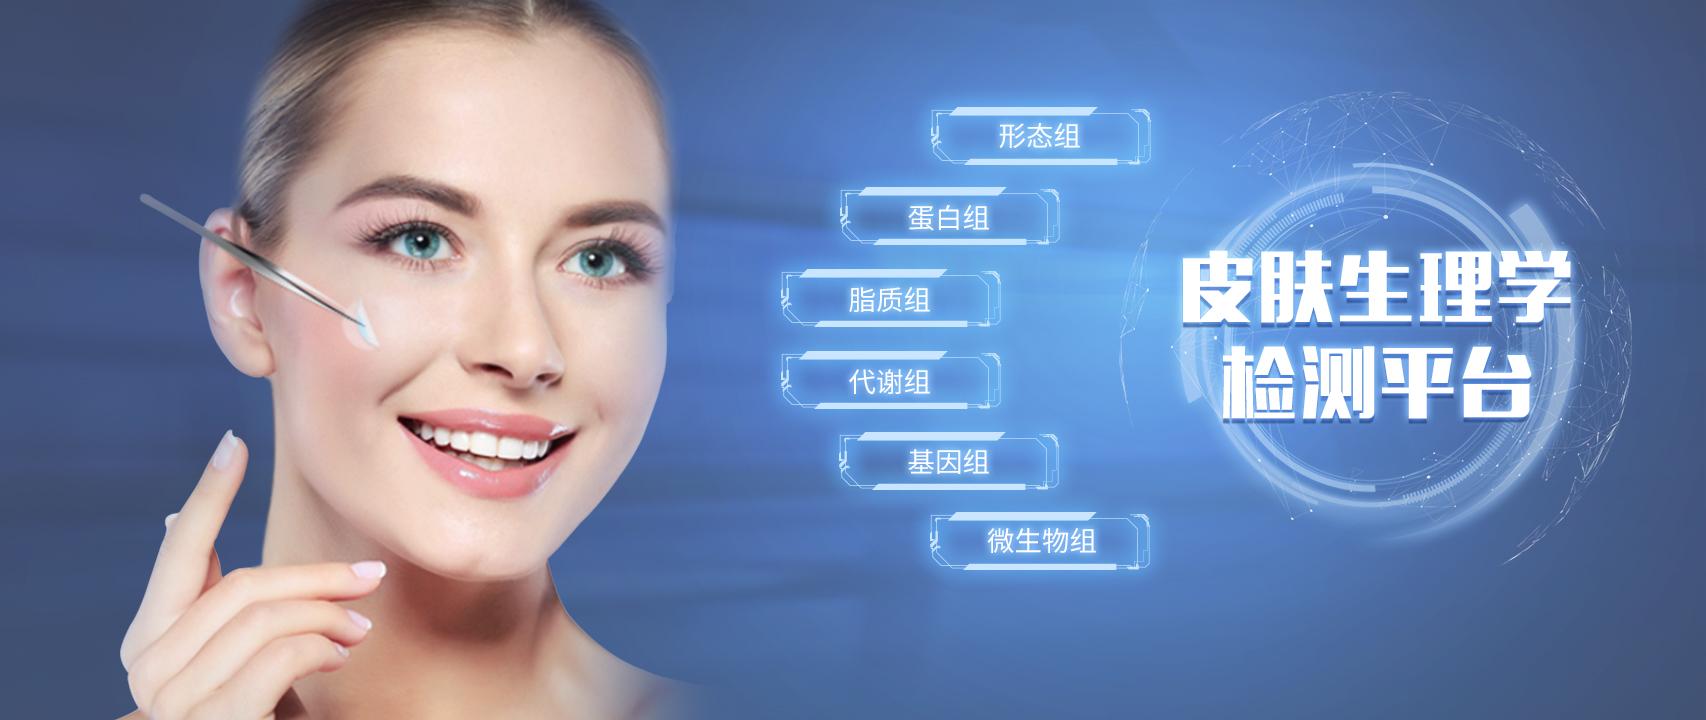 精准检测   科学护肤